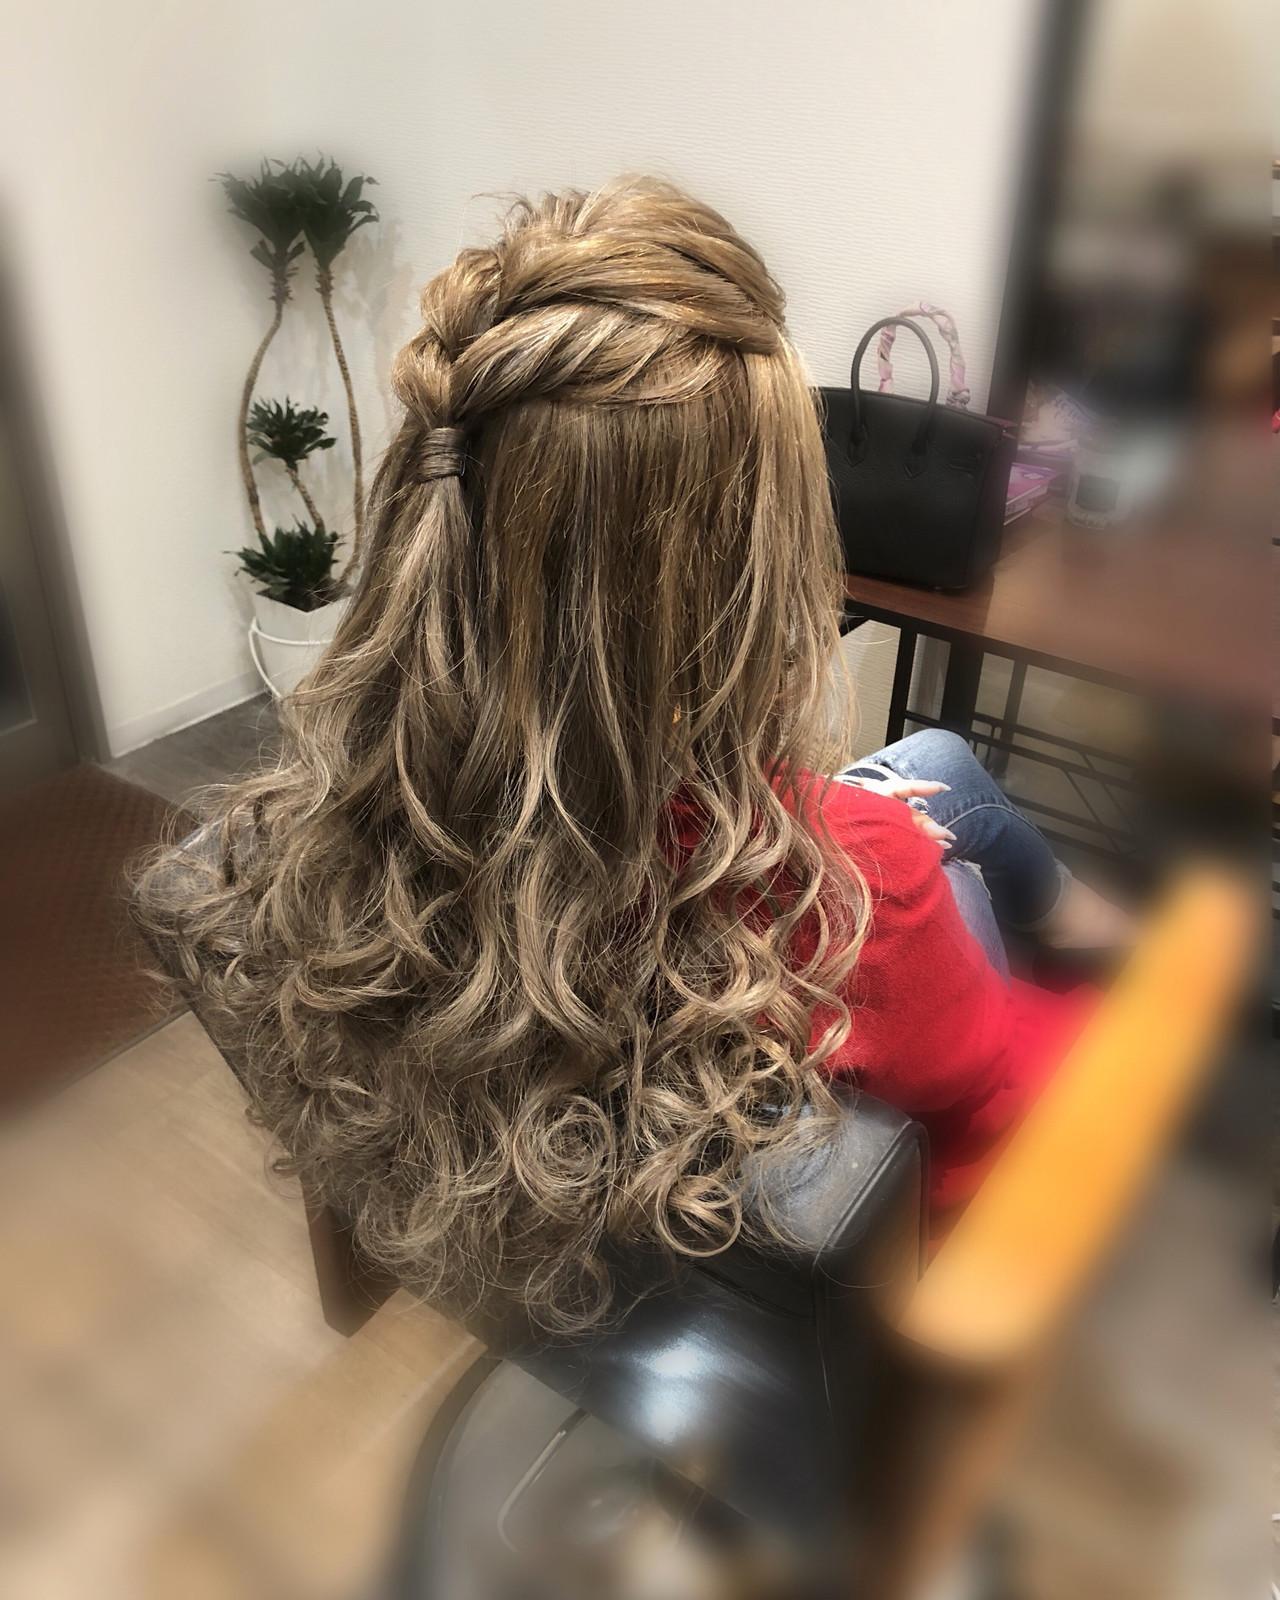 ヘアアレンジ ハーフアップ 前髪アレンジ フェミニン ヘアスタイルや髪型の写真・画像